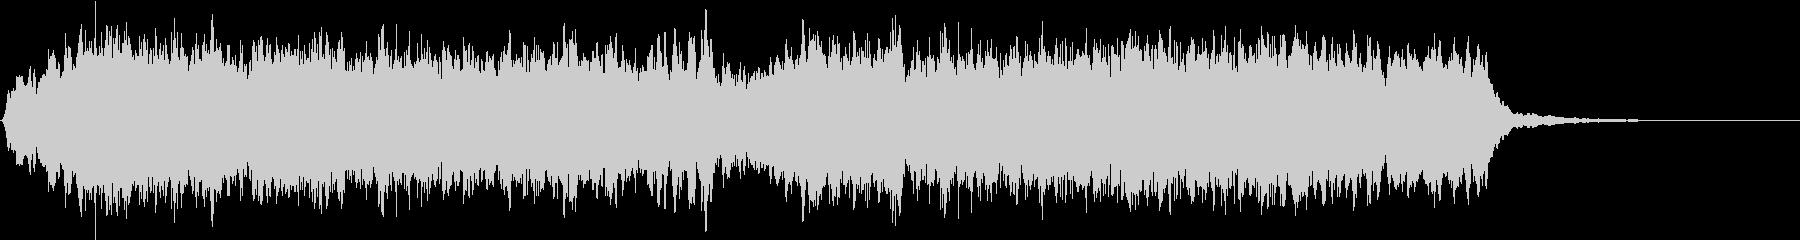 ゲームオーバーの効果音(コーラス)の未再生の波形